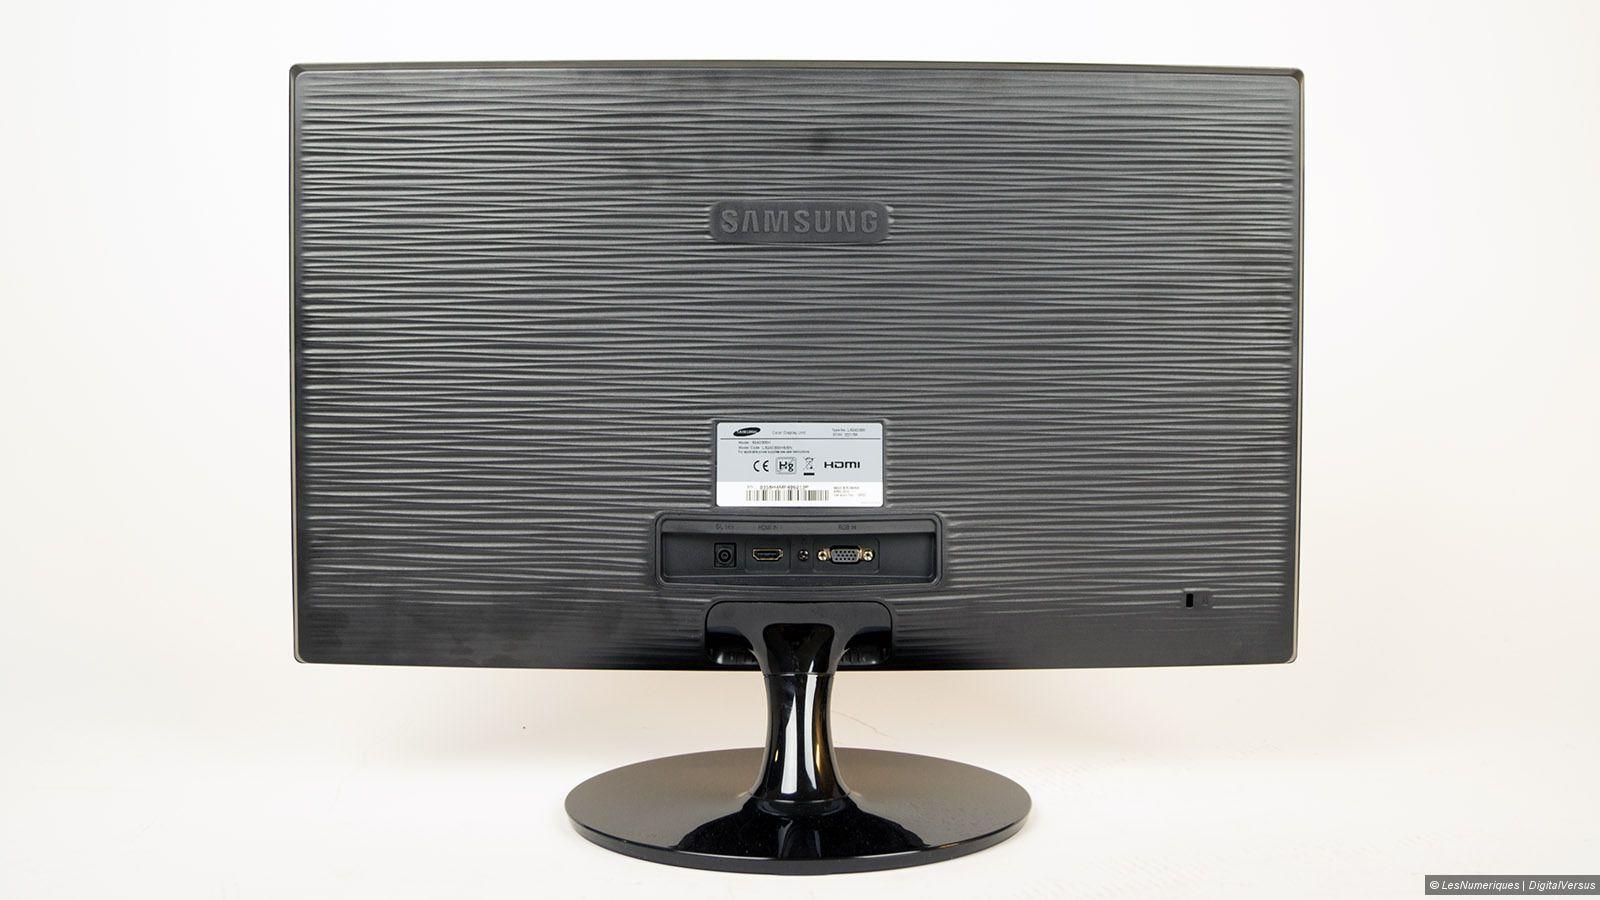 Samsung s24d300h test complet ecran lcd pour for Test ecran pc 24 pouces